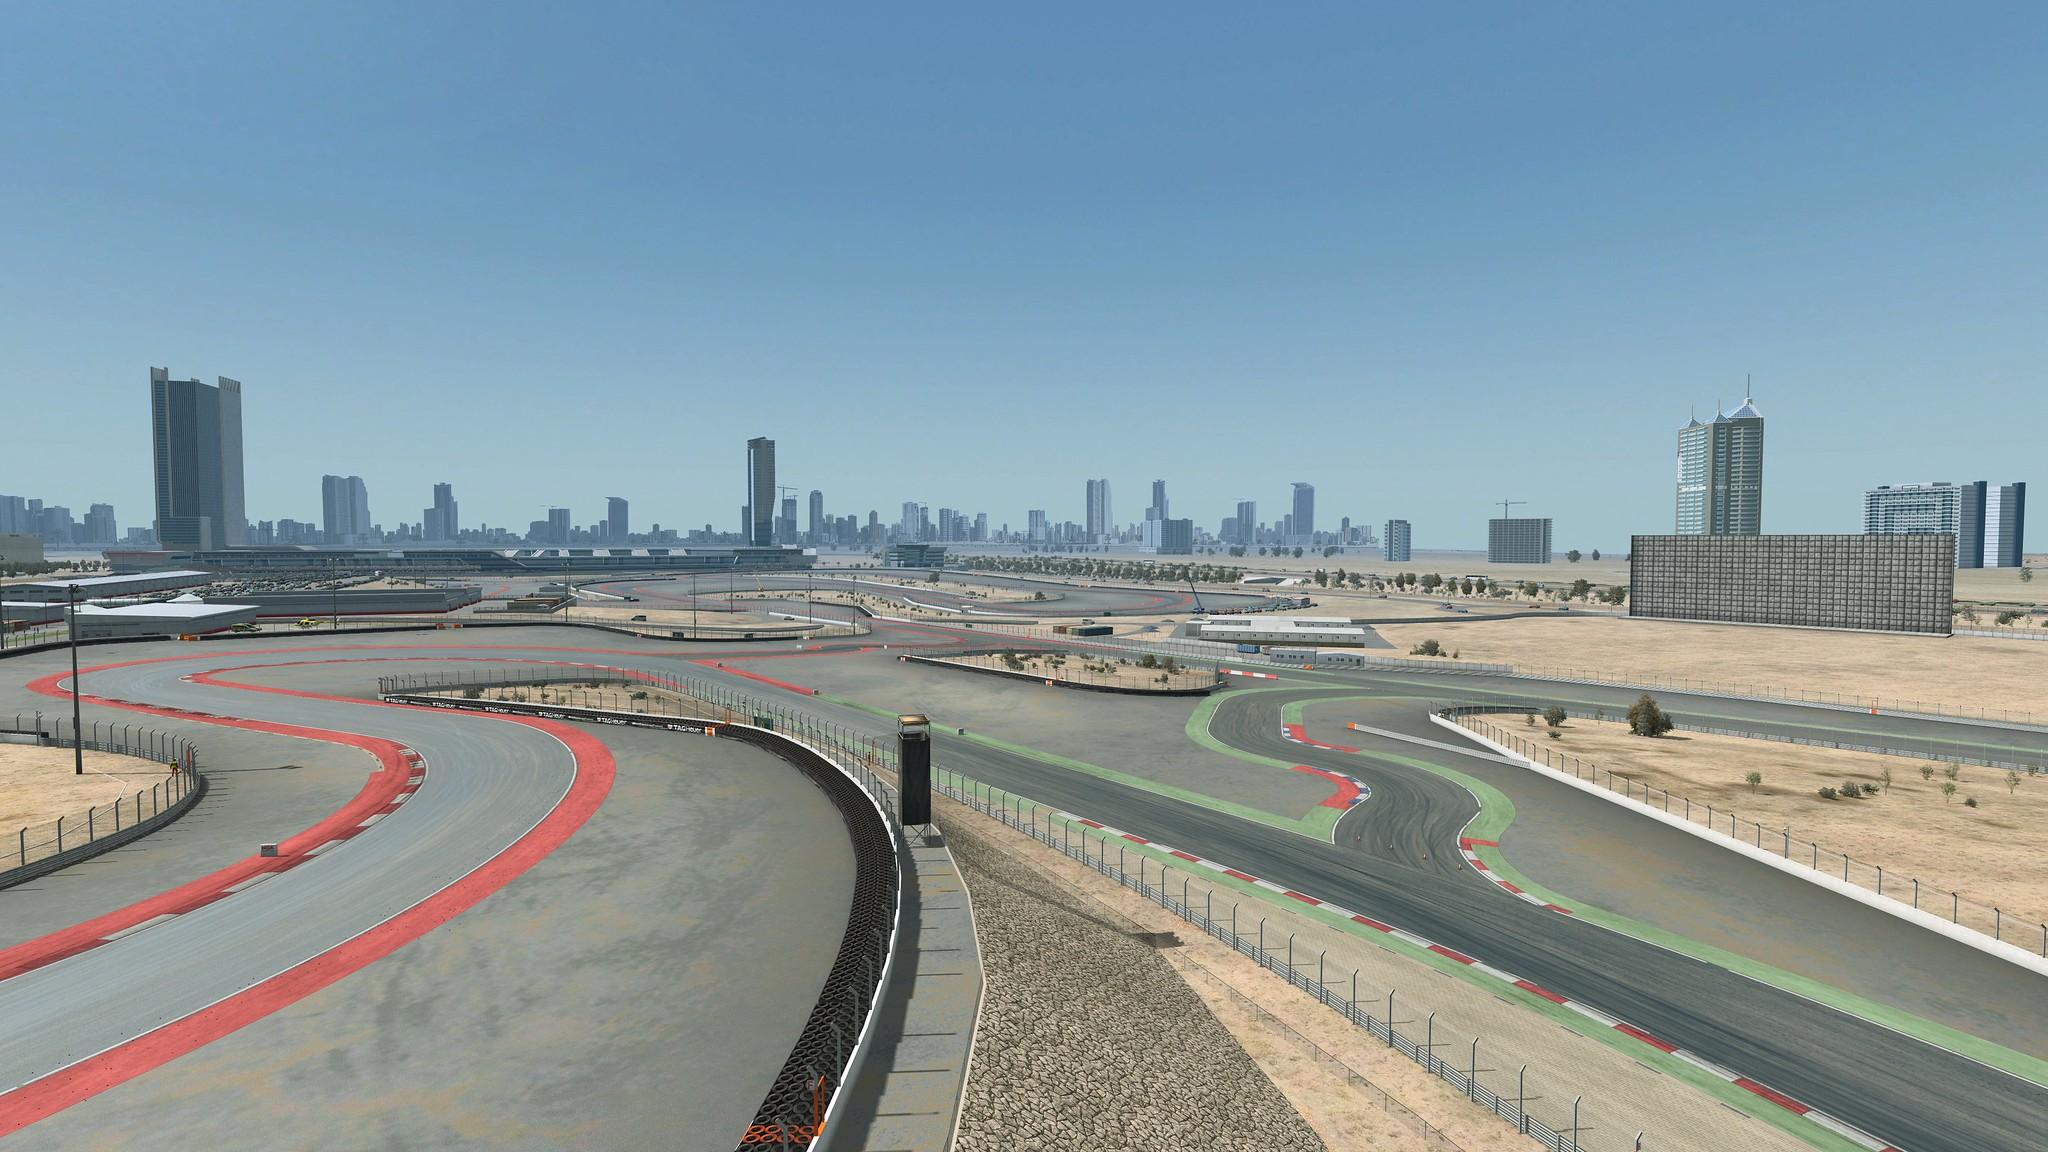 RaceRoom Dubai Autodrome 2